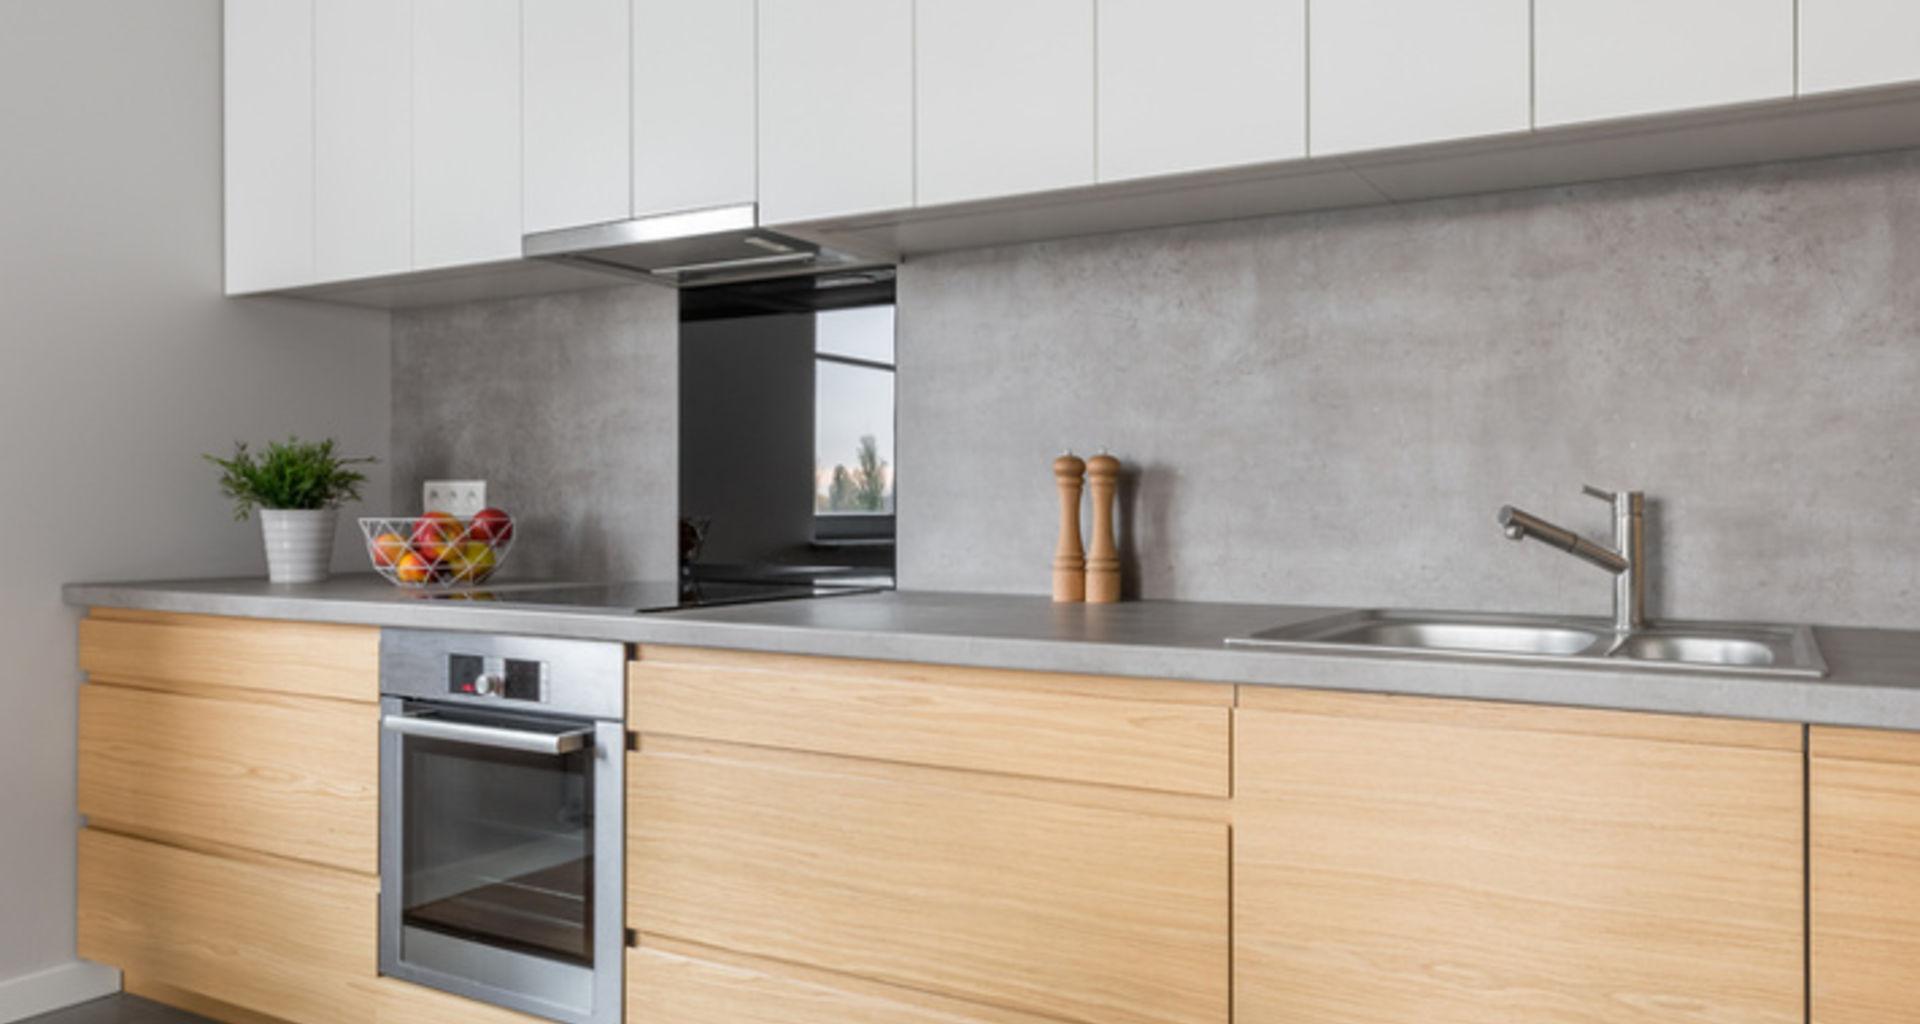 Keuken met betonnen werkblad